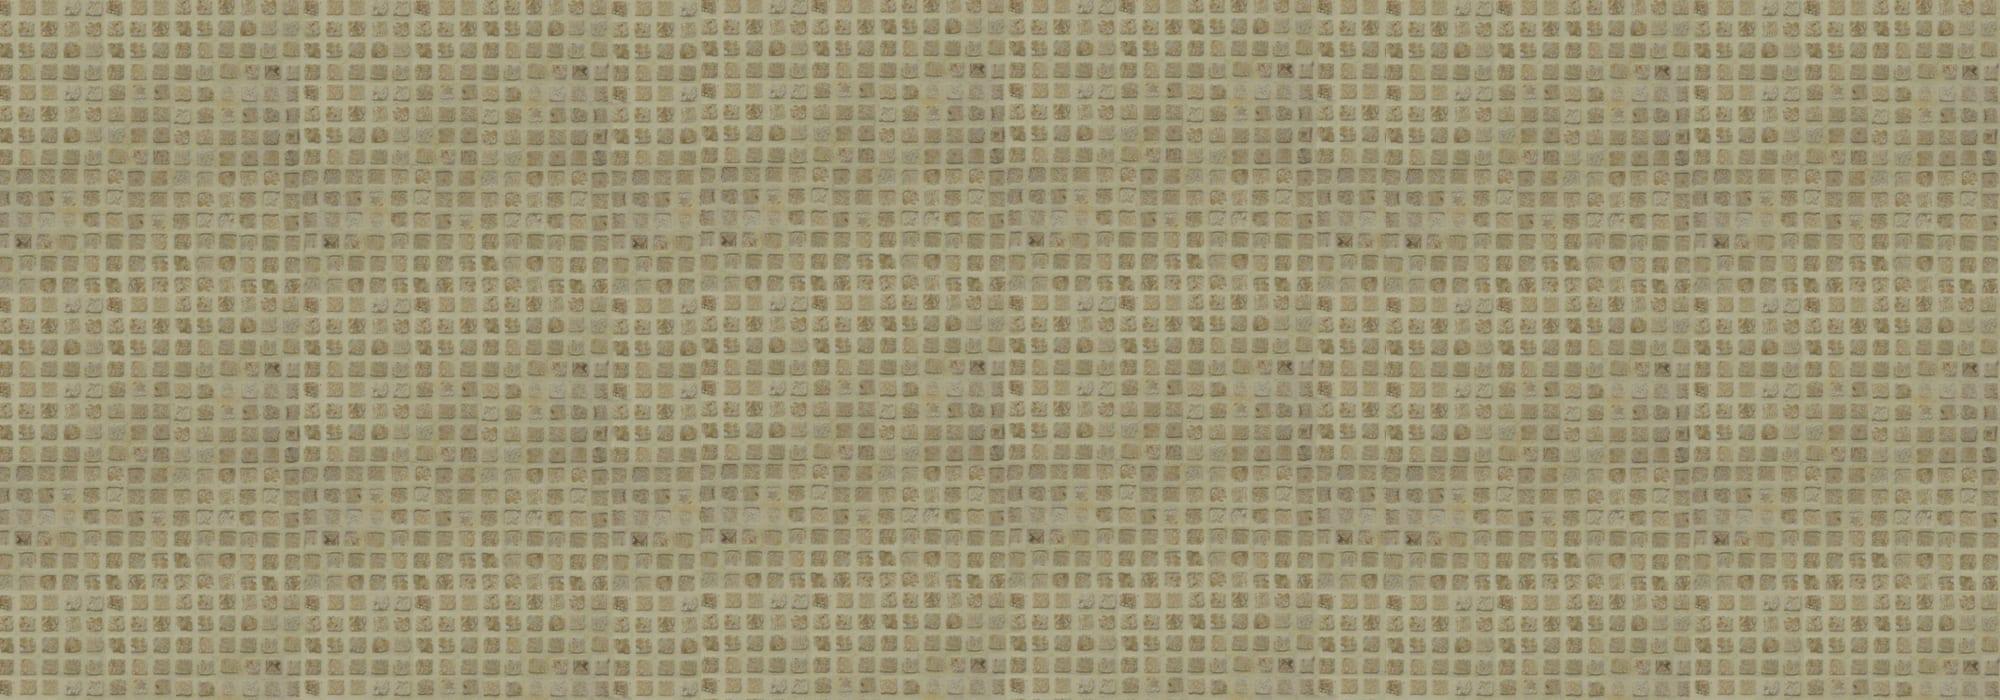 פסיפס אבן ברוג' מיקרו מלוטש מט by Milstone